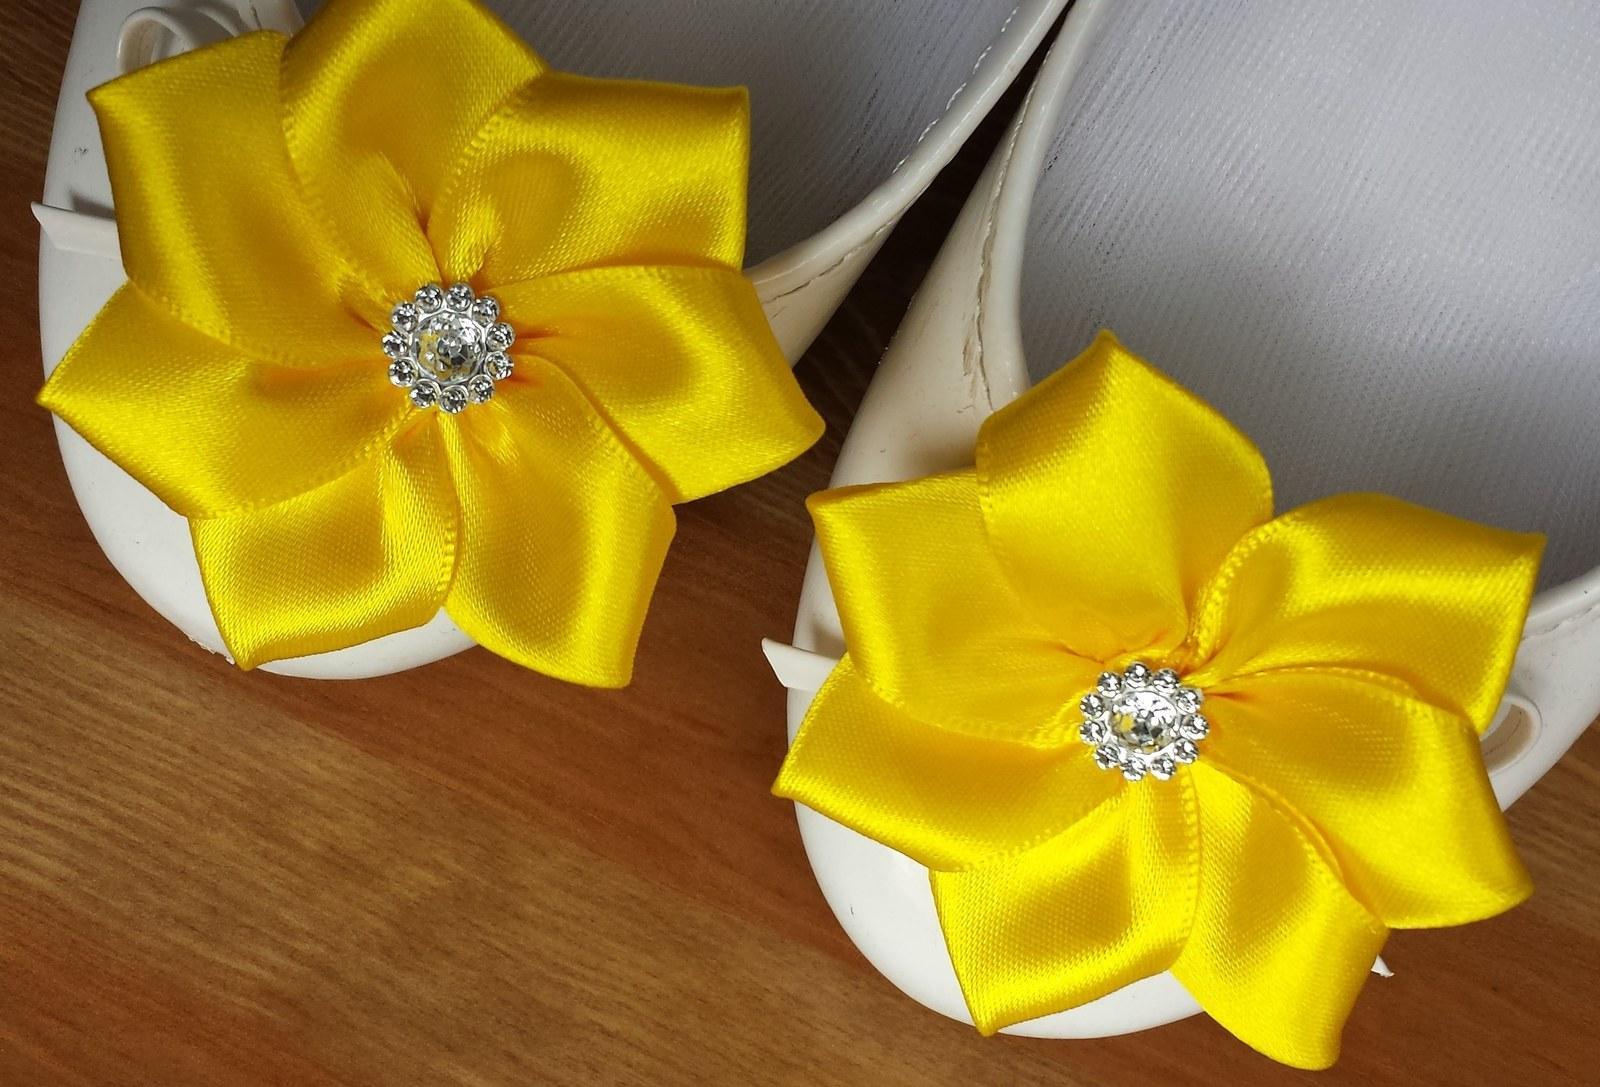 Klipy na boty pro nevěstu - kanzashi - Obrázek č. 2